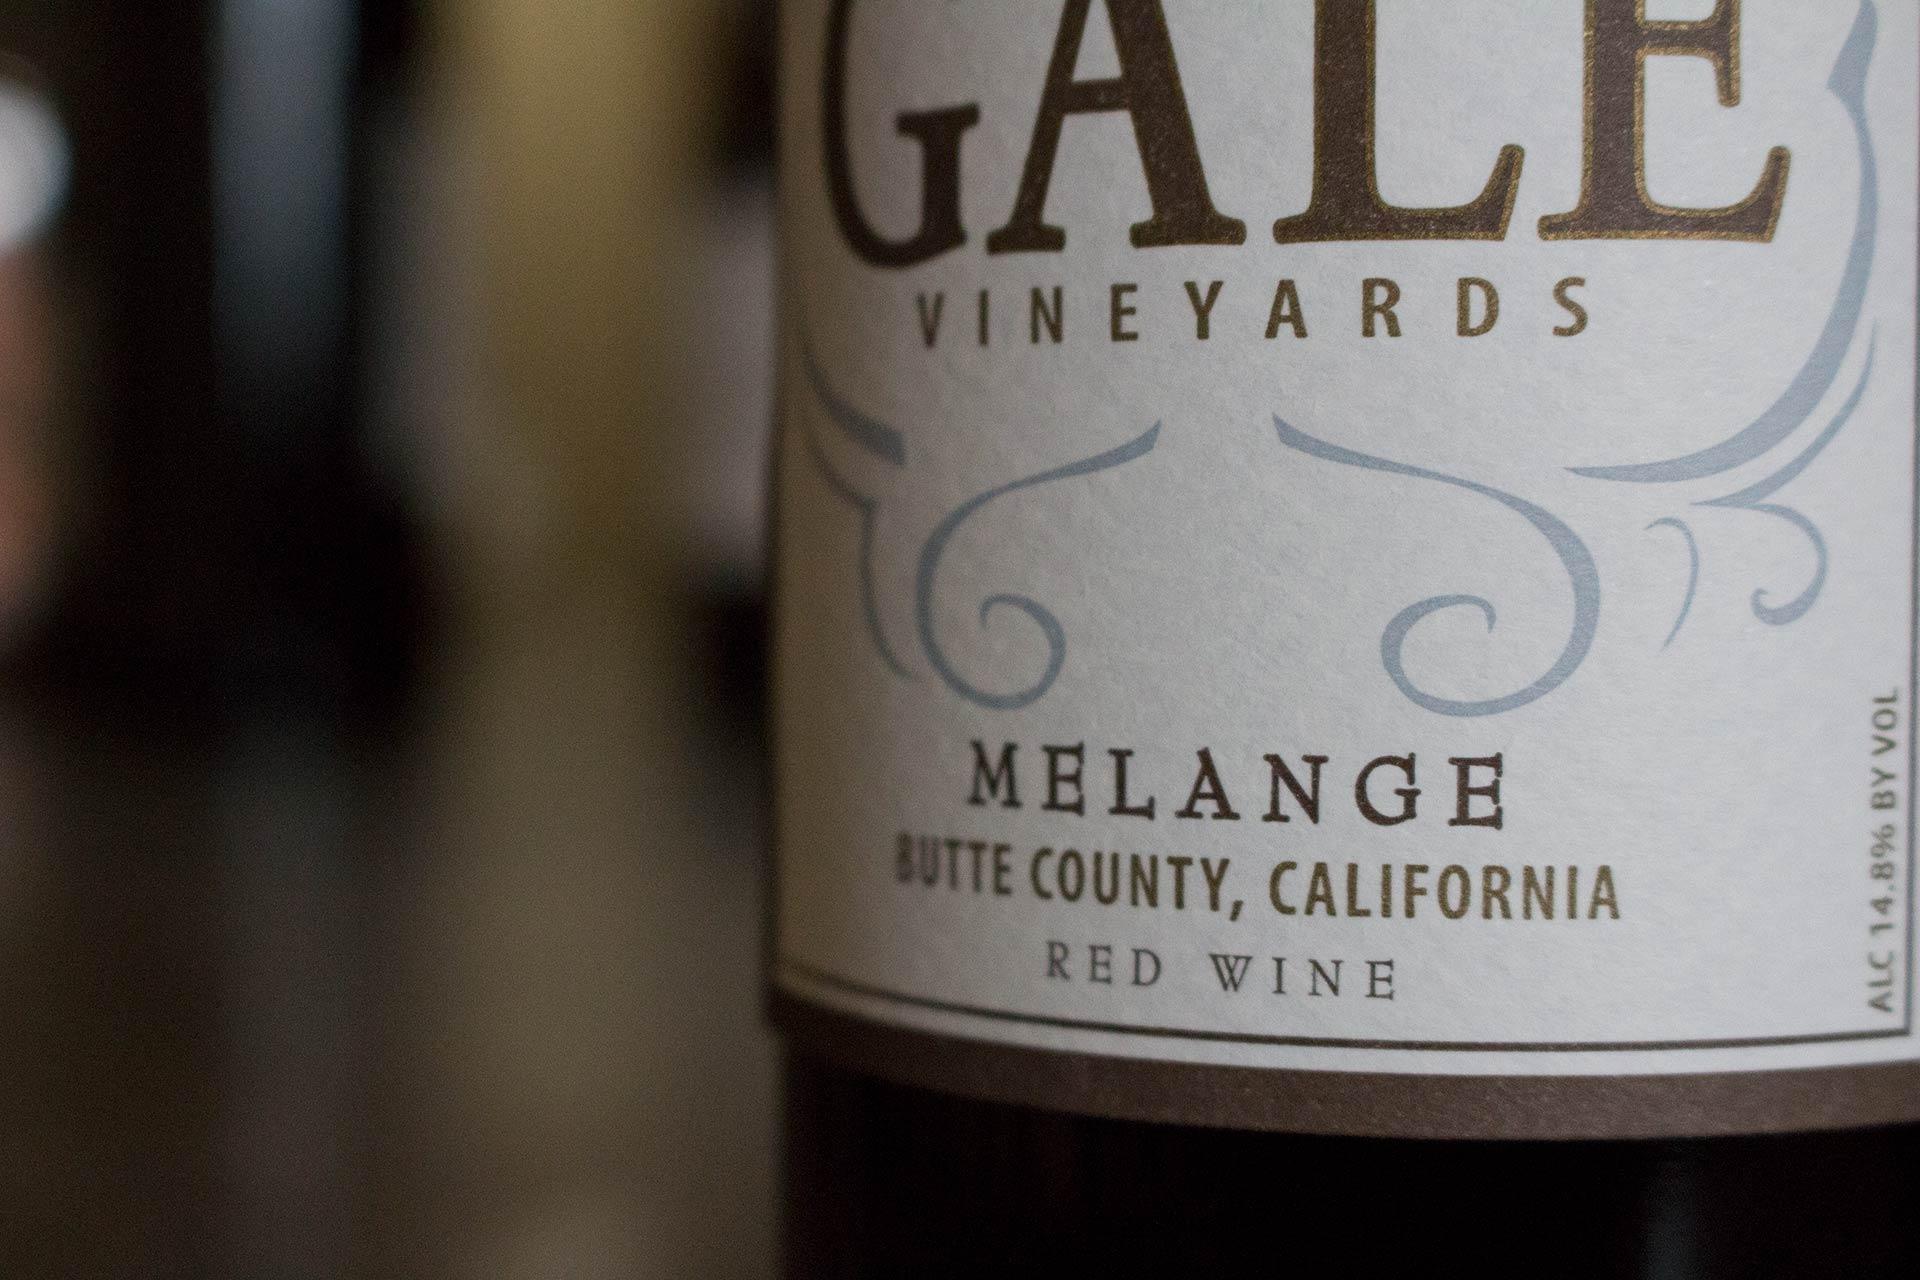 Gale-Vineyards-Melange-Wine.jpg